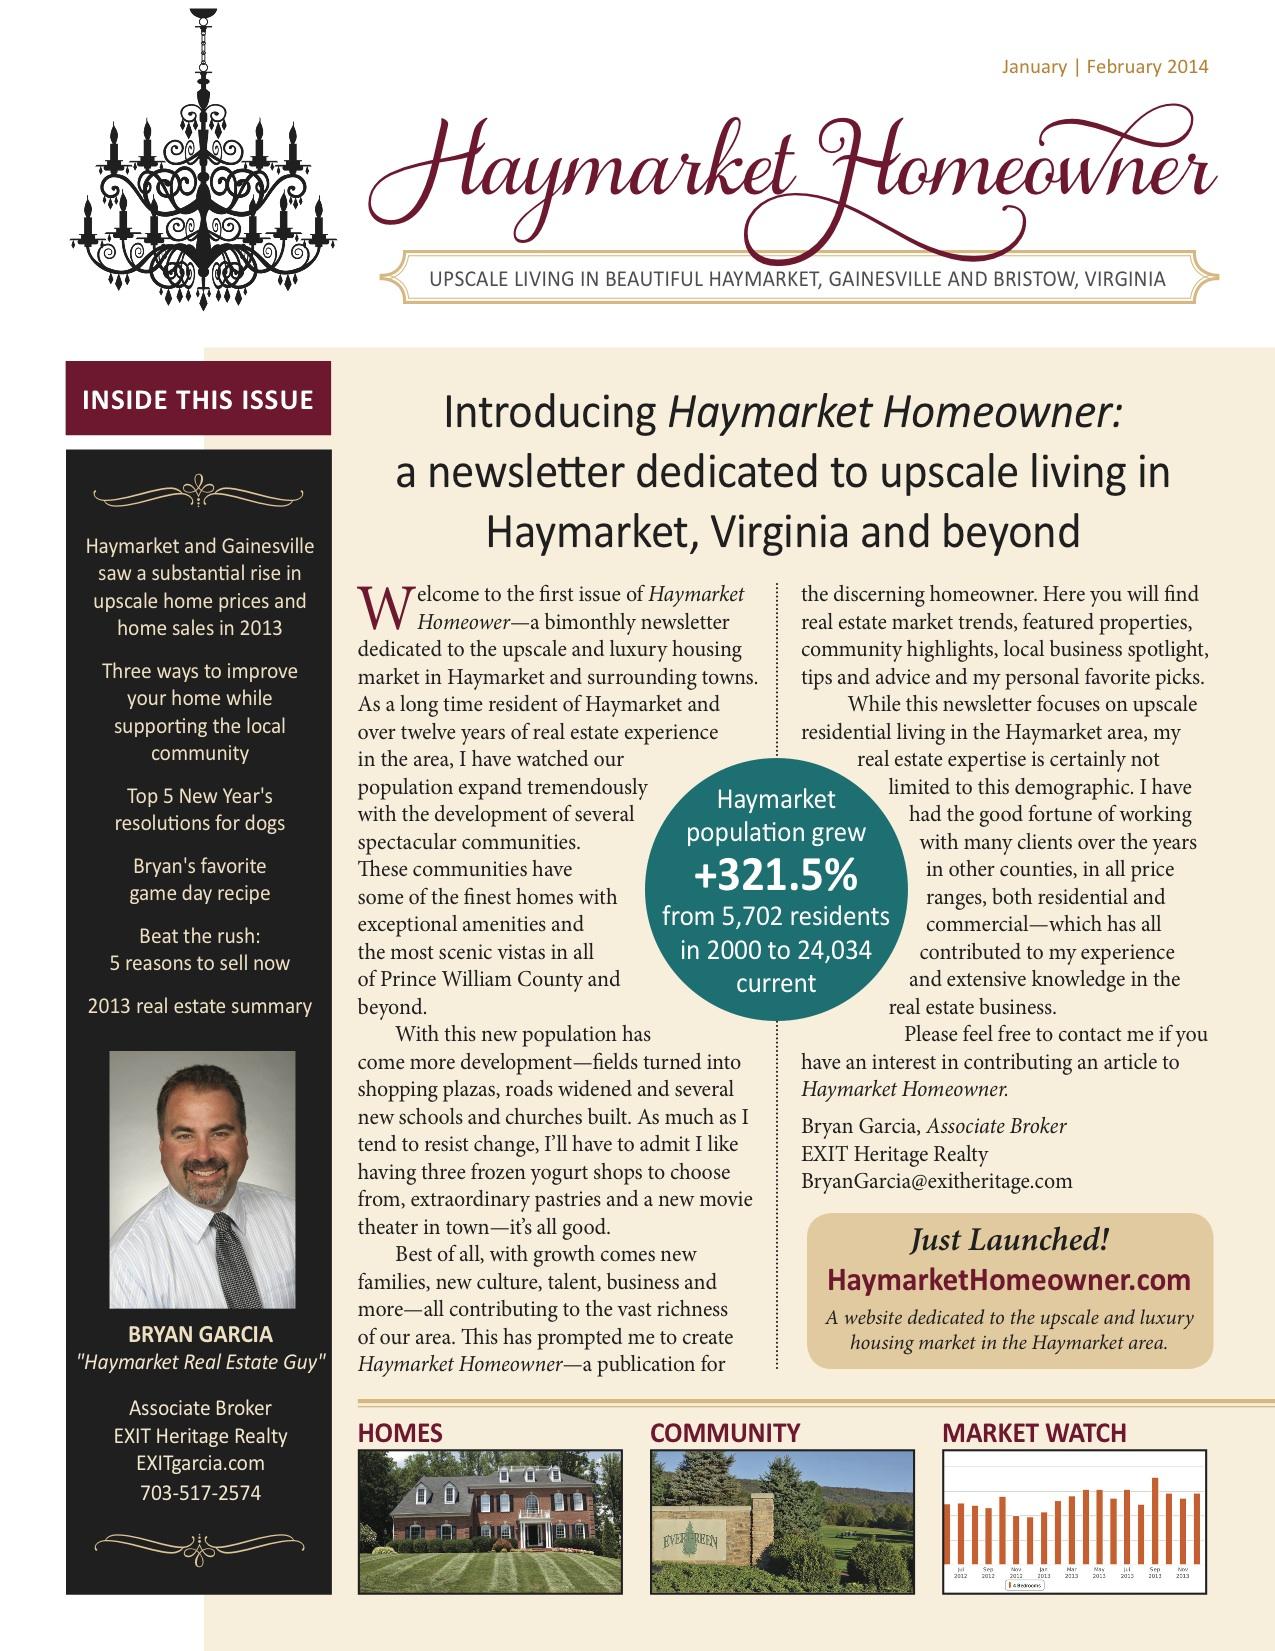 Haymarket Homeowner Launches: Luxury Living in Haymarket, Gainesville & Bristow, VA